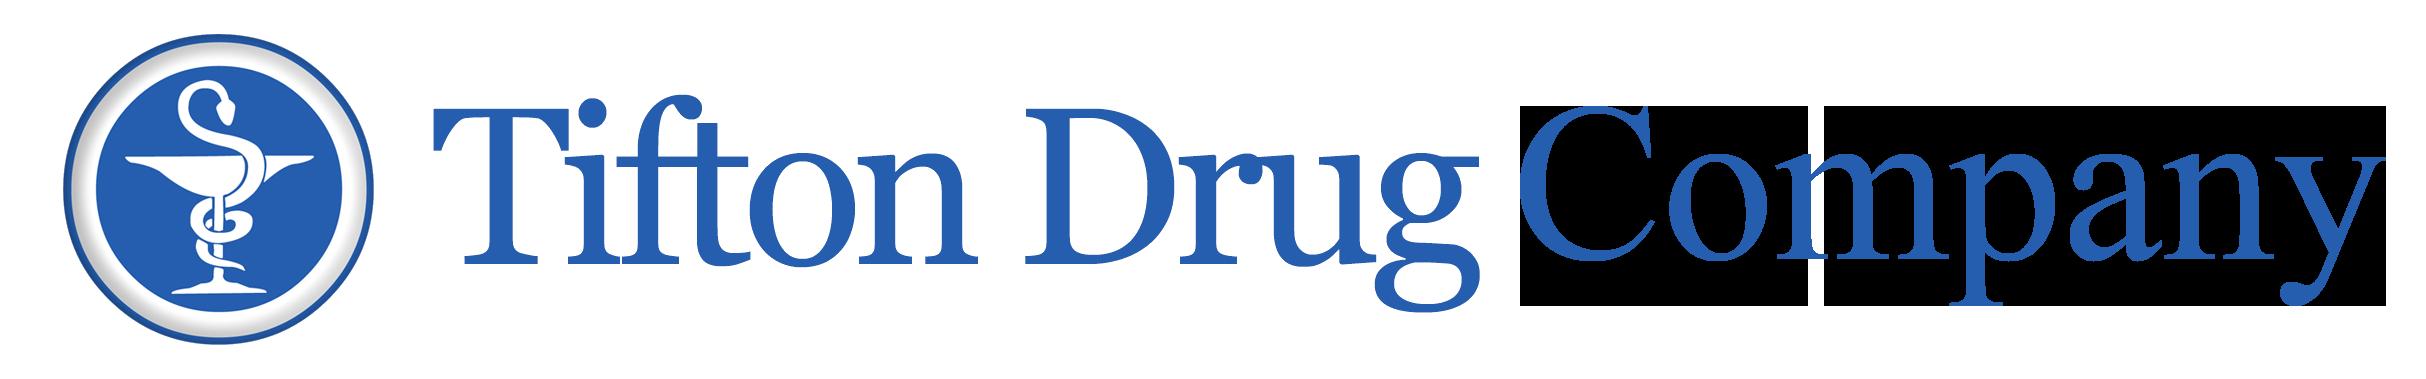 Tifton Drug Company